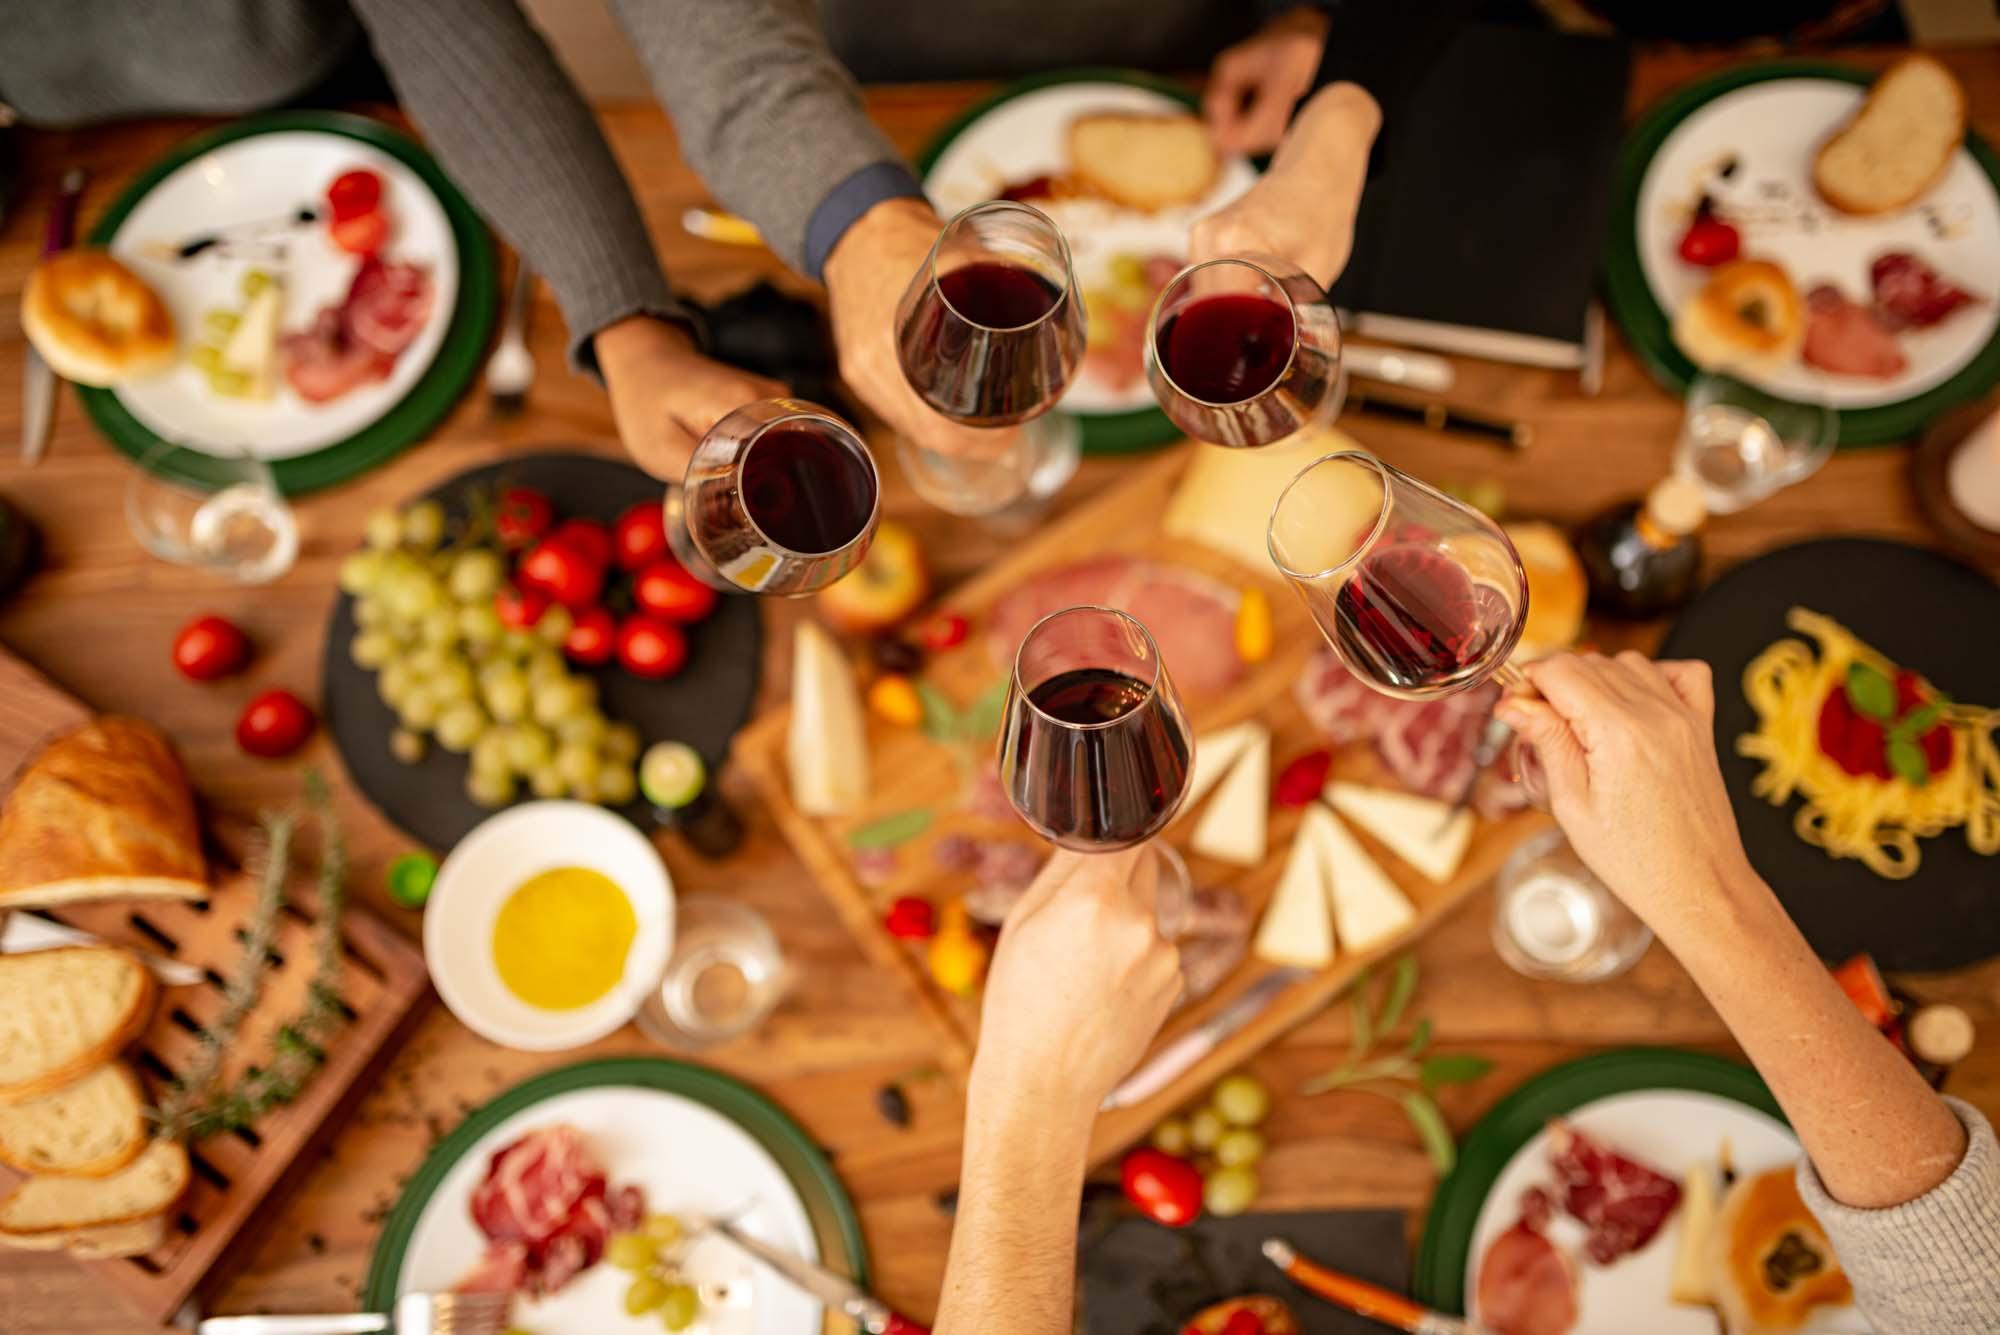 Degustazioni Enogastronomiche Eventi Aziendali a Verona